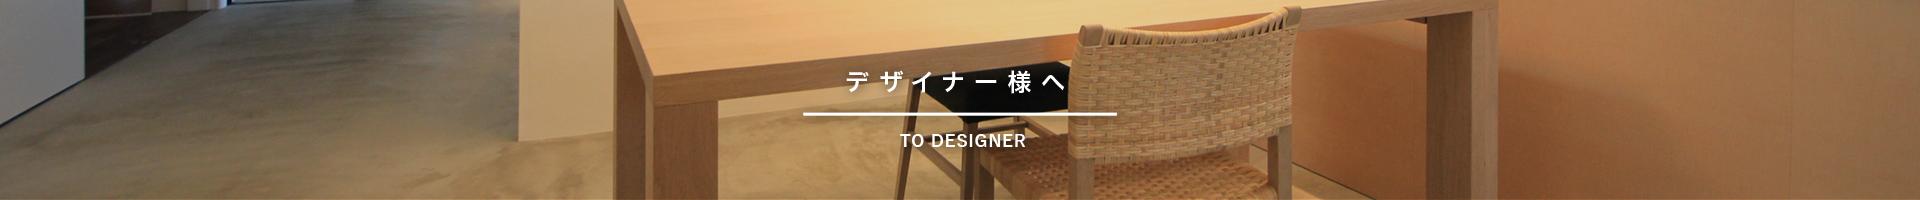 デザイナー様へ